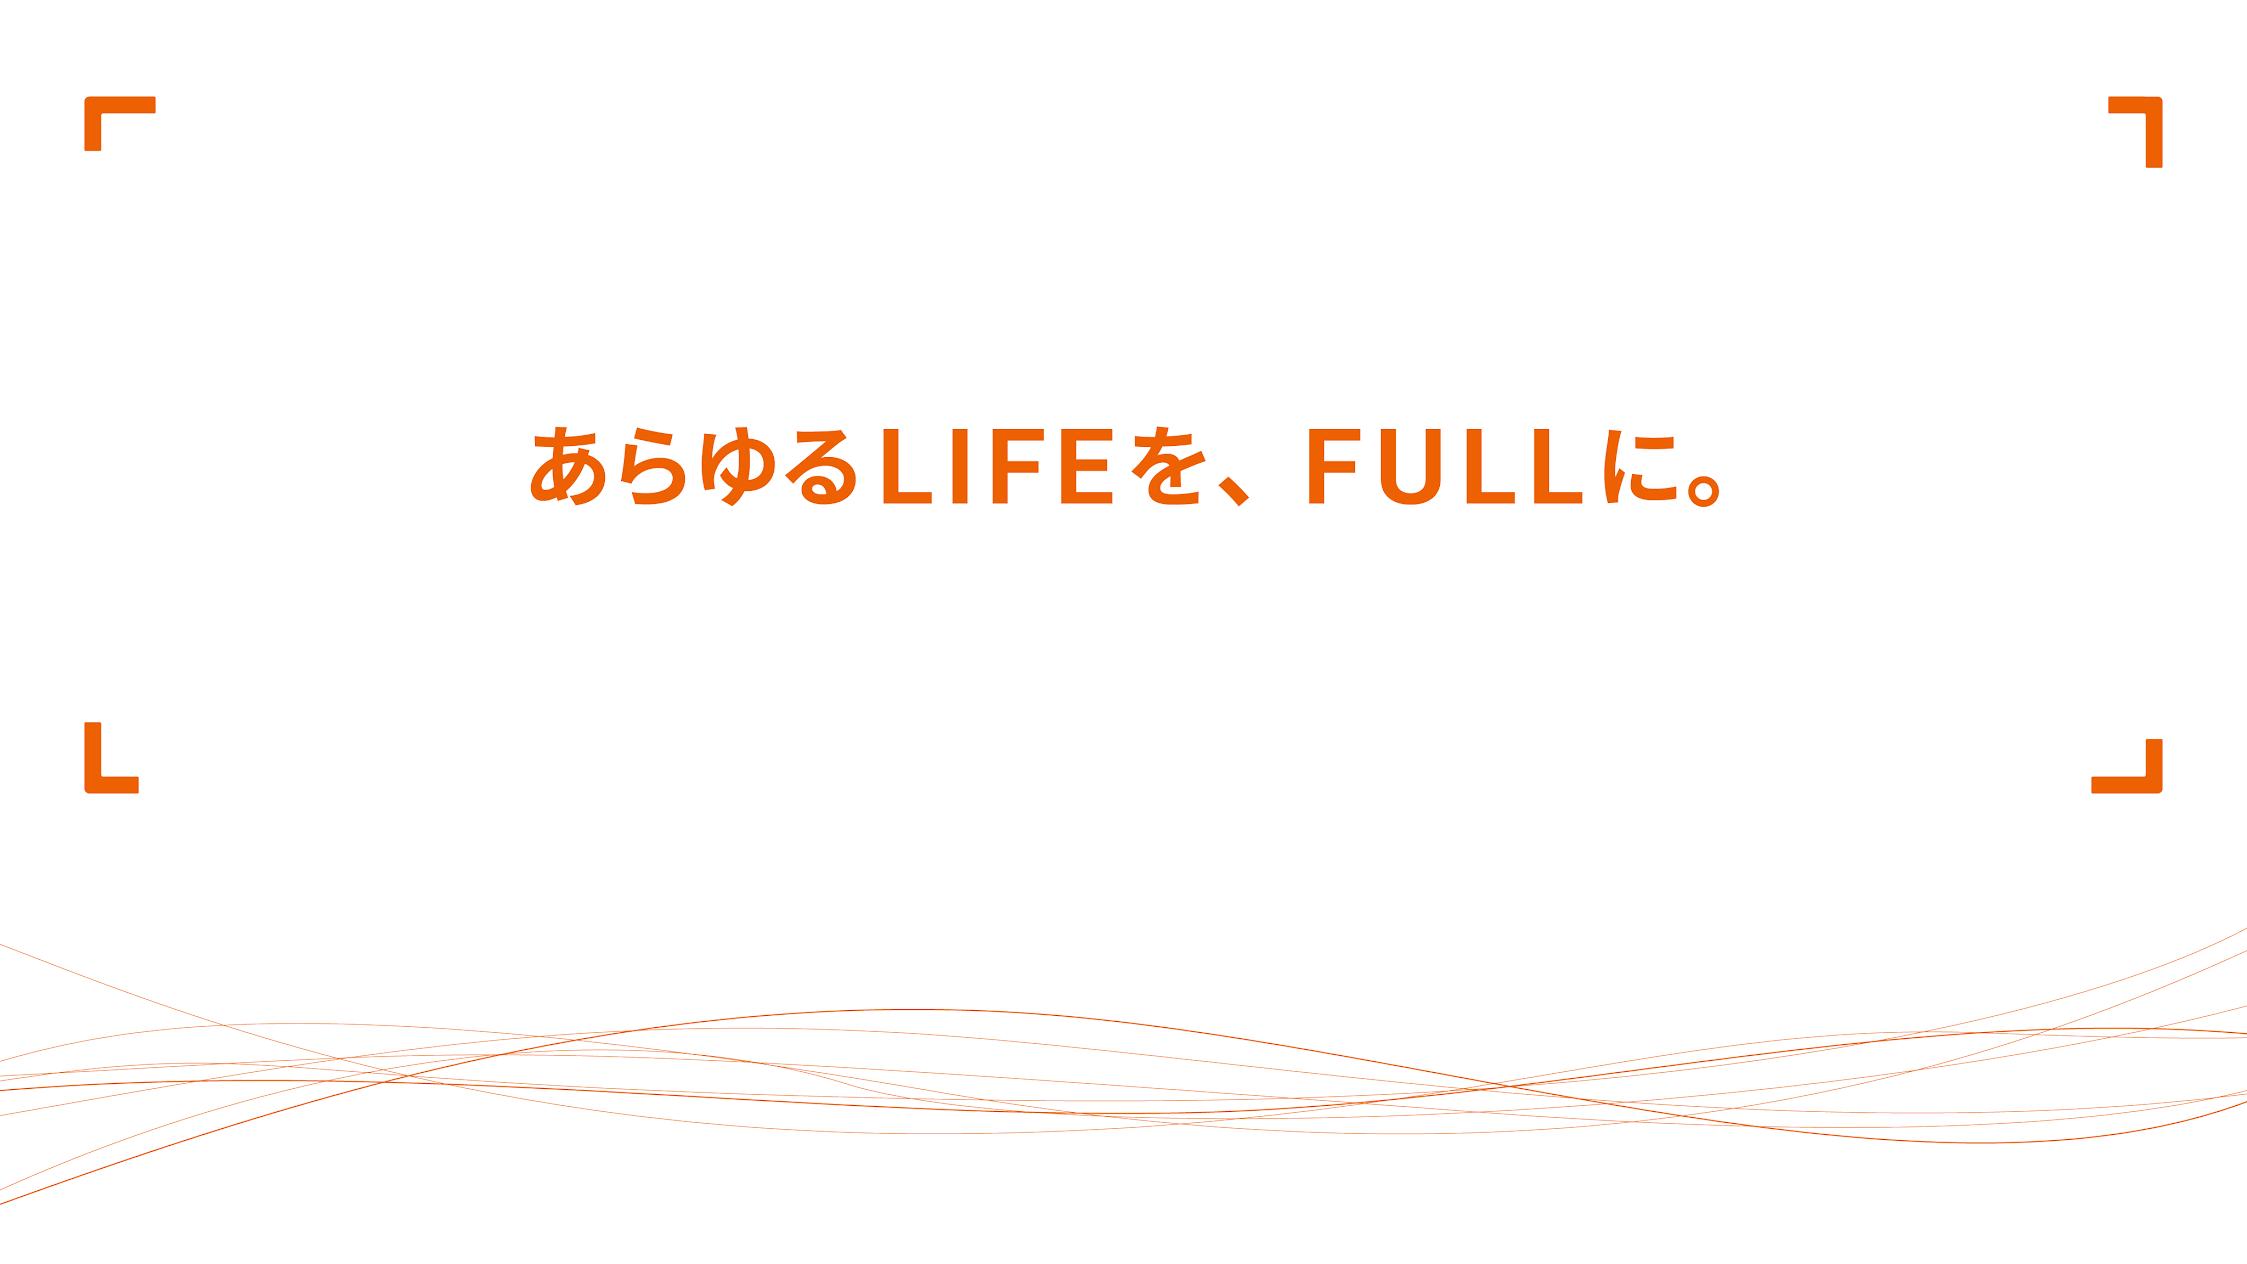 LIFULL Co., Ltd.